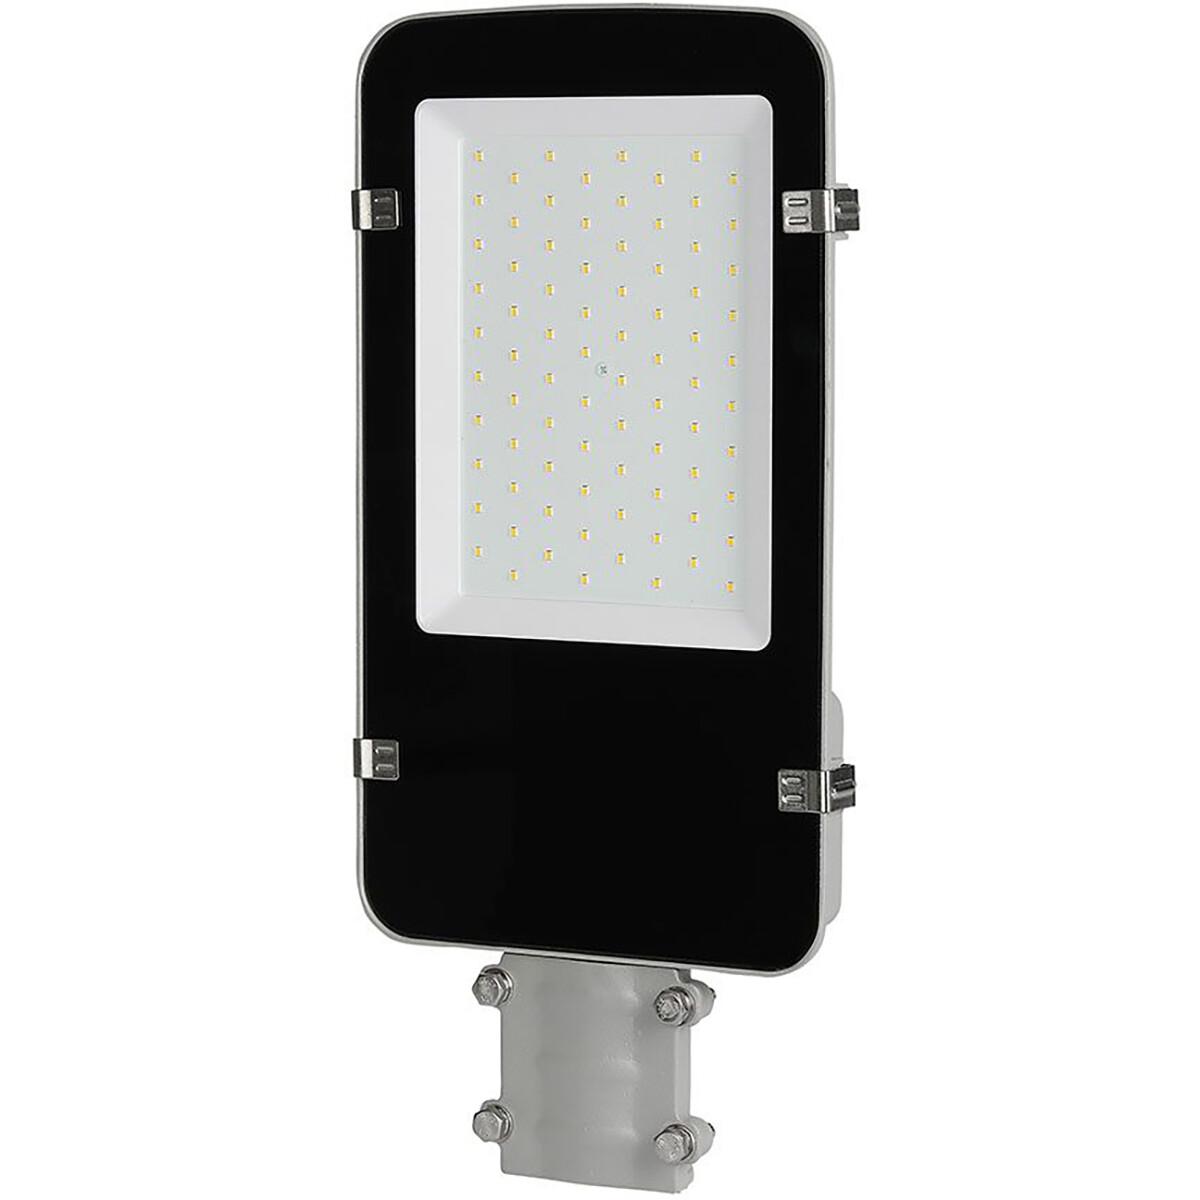 SAMSUNG - LED Straatlamp - Viron Anno - 50W - Natuurlijk Wit 4000K - Waterdicht IP65 - Mat Zwart - A